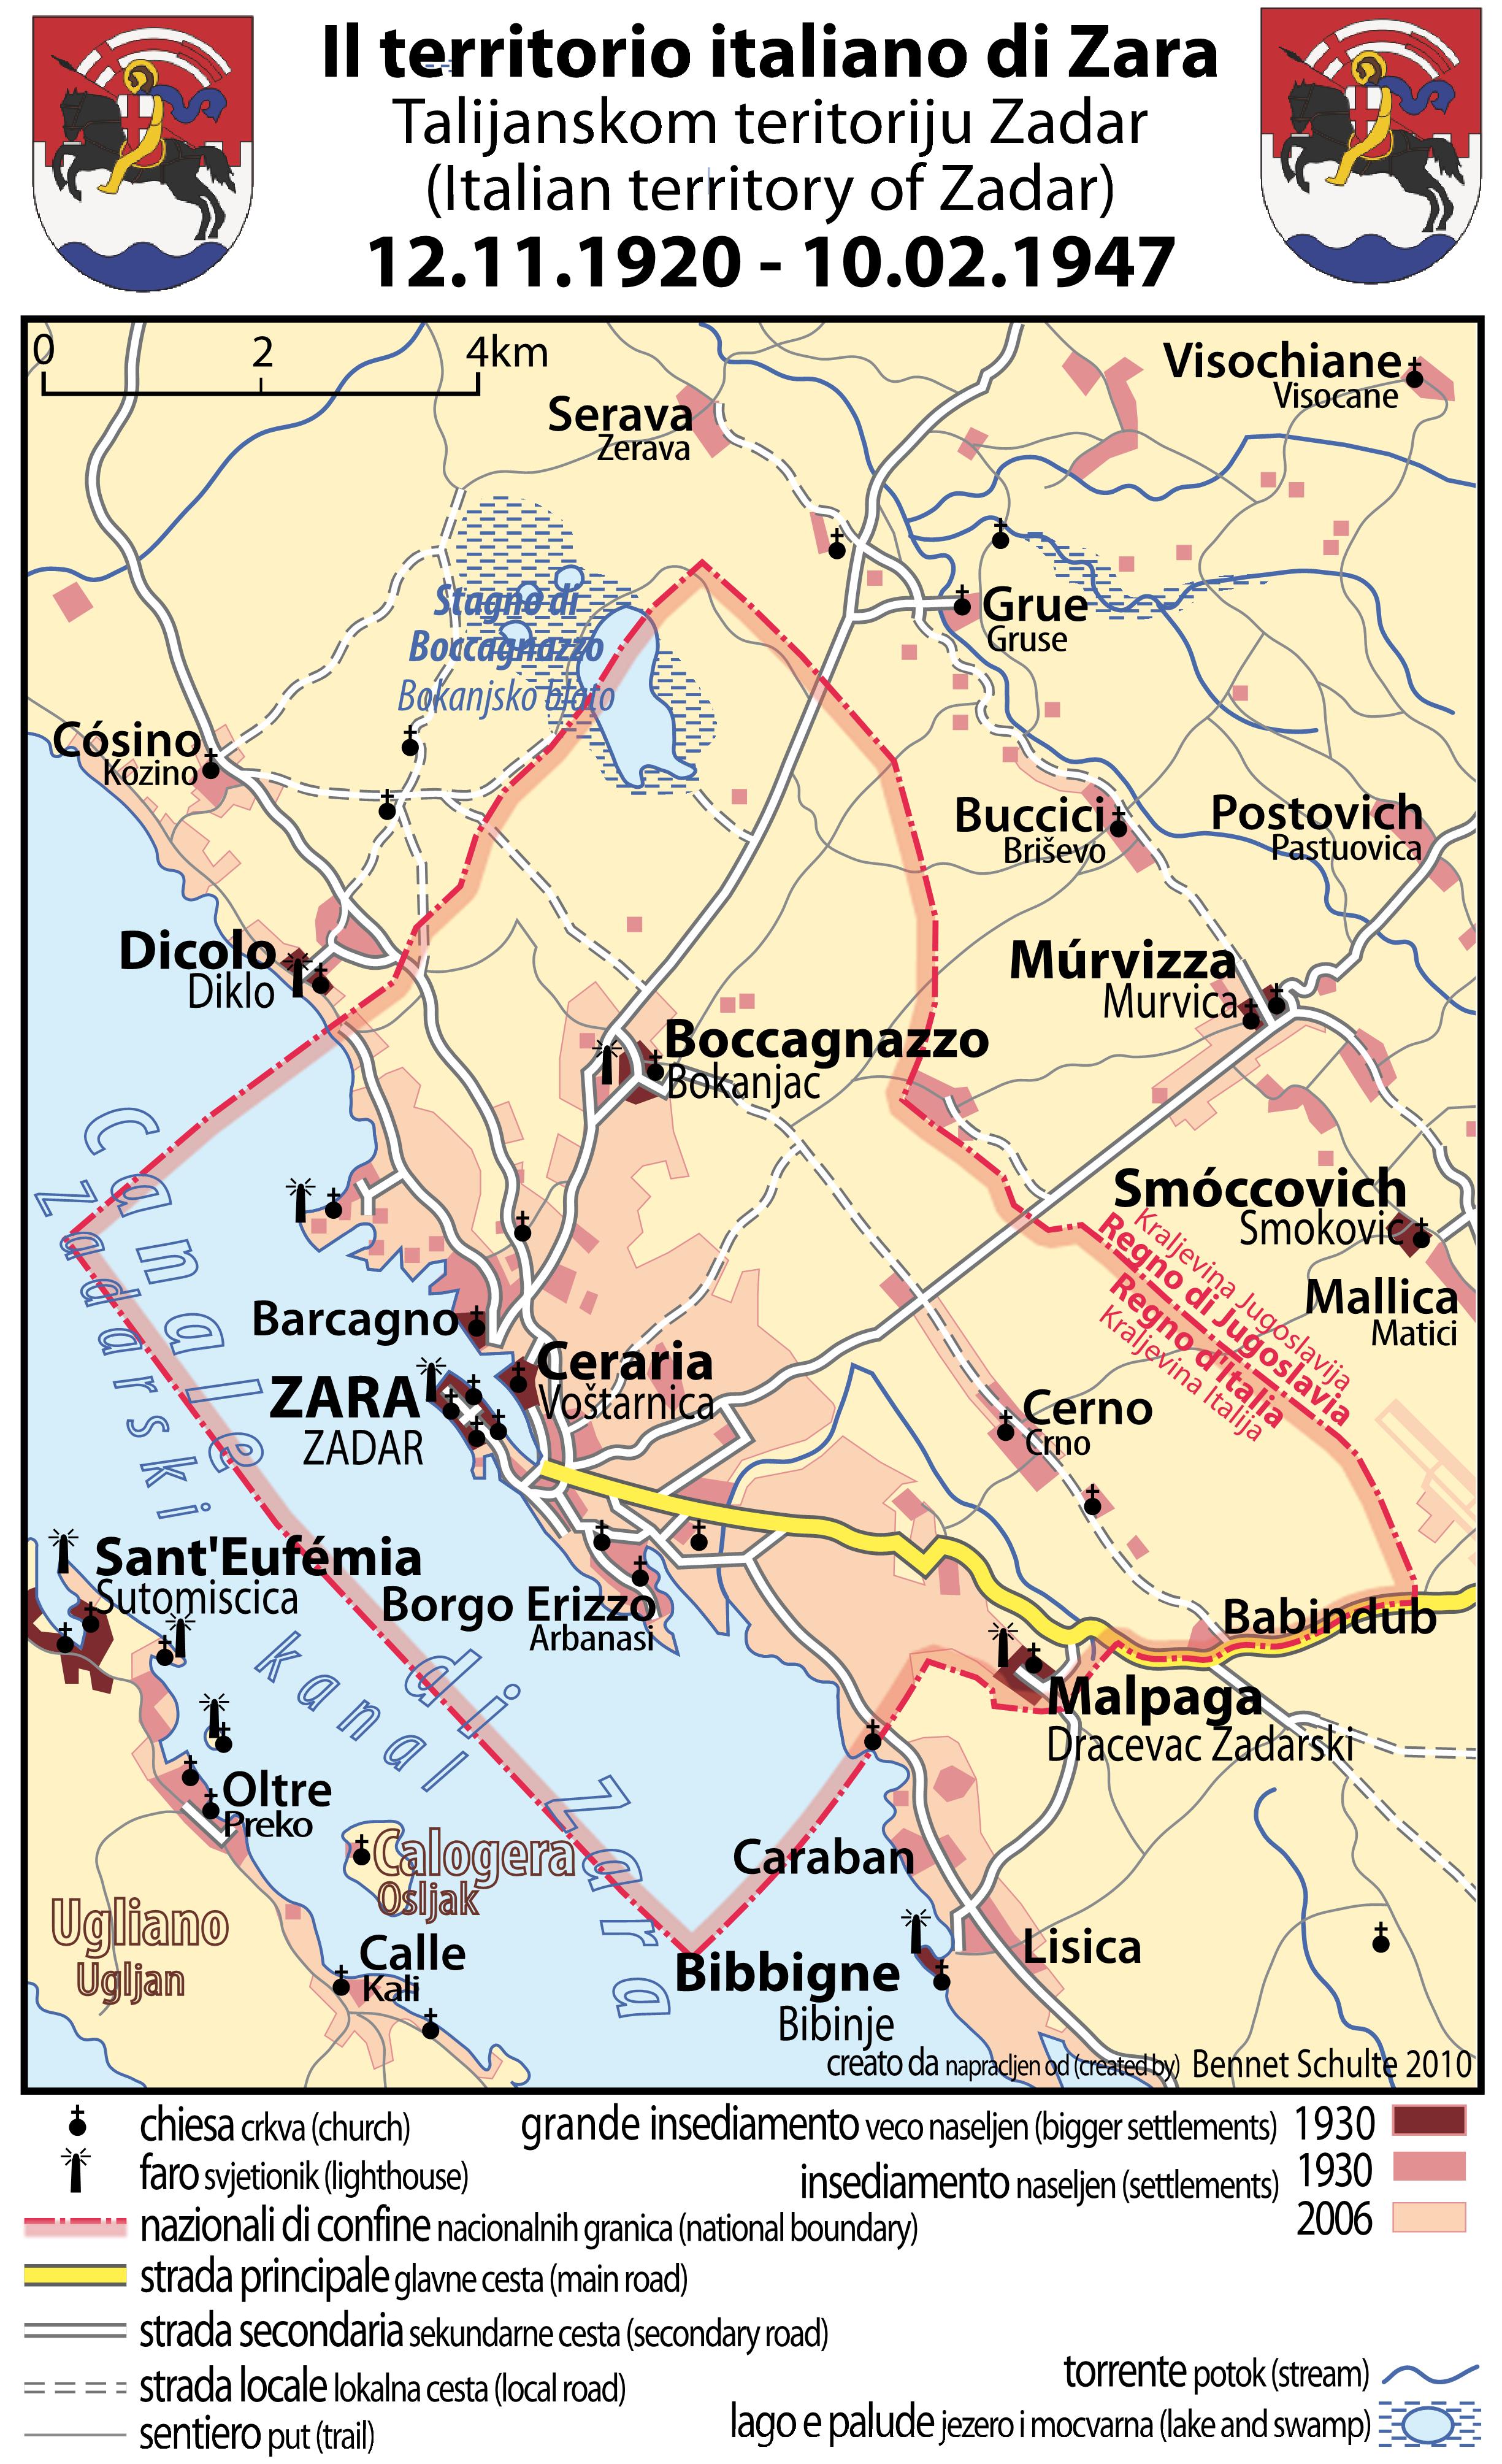 Zara-Zadar-1920-1947.png